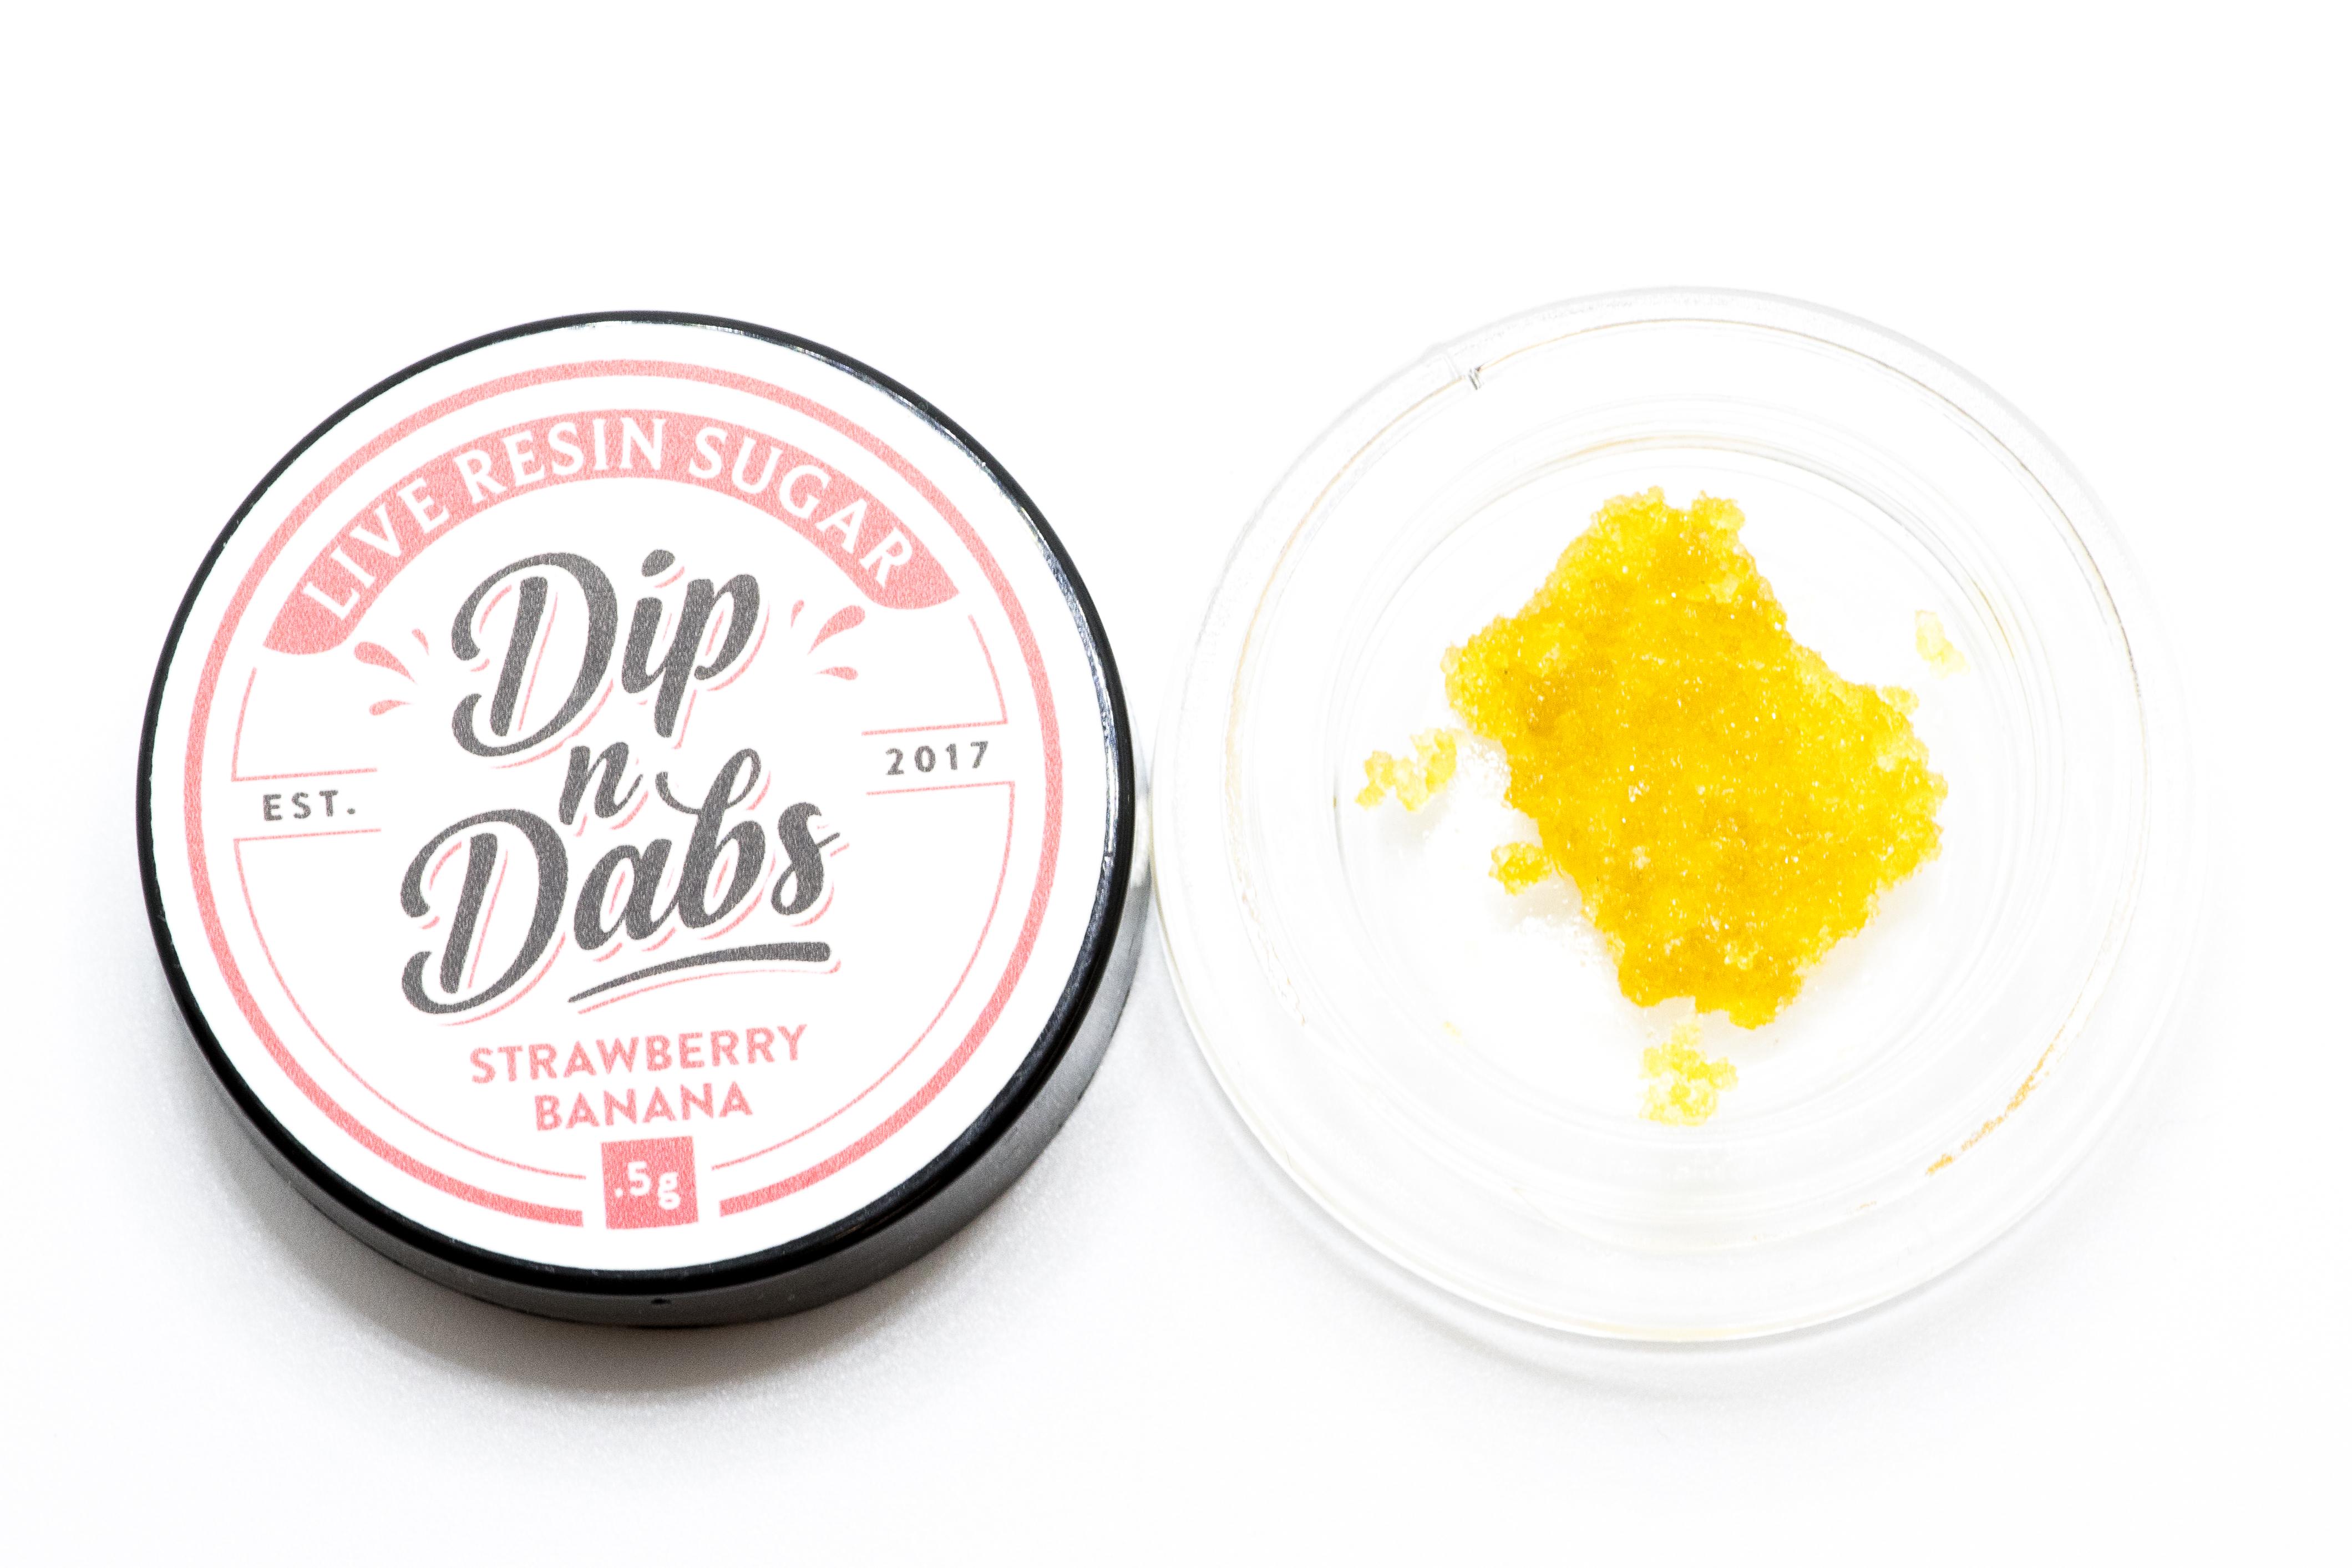 cannabis dabbing